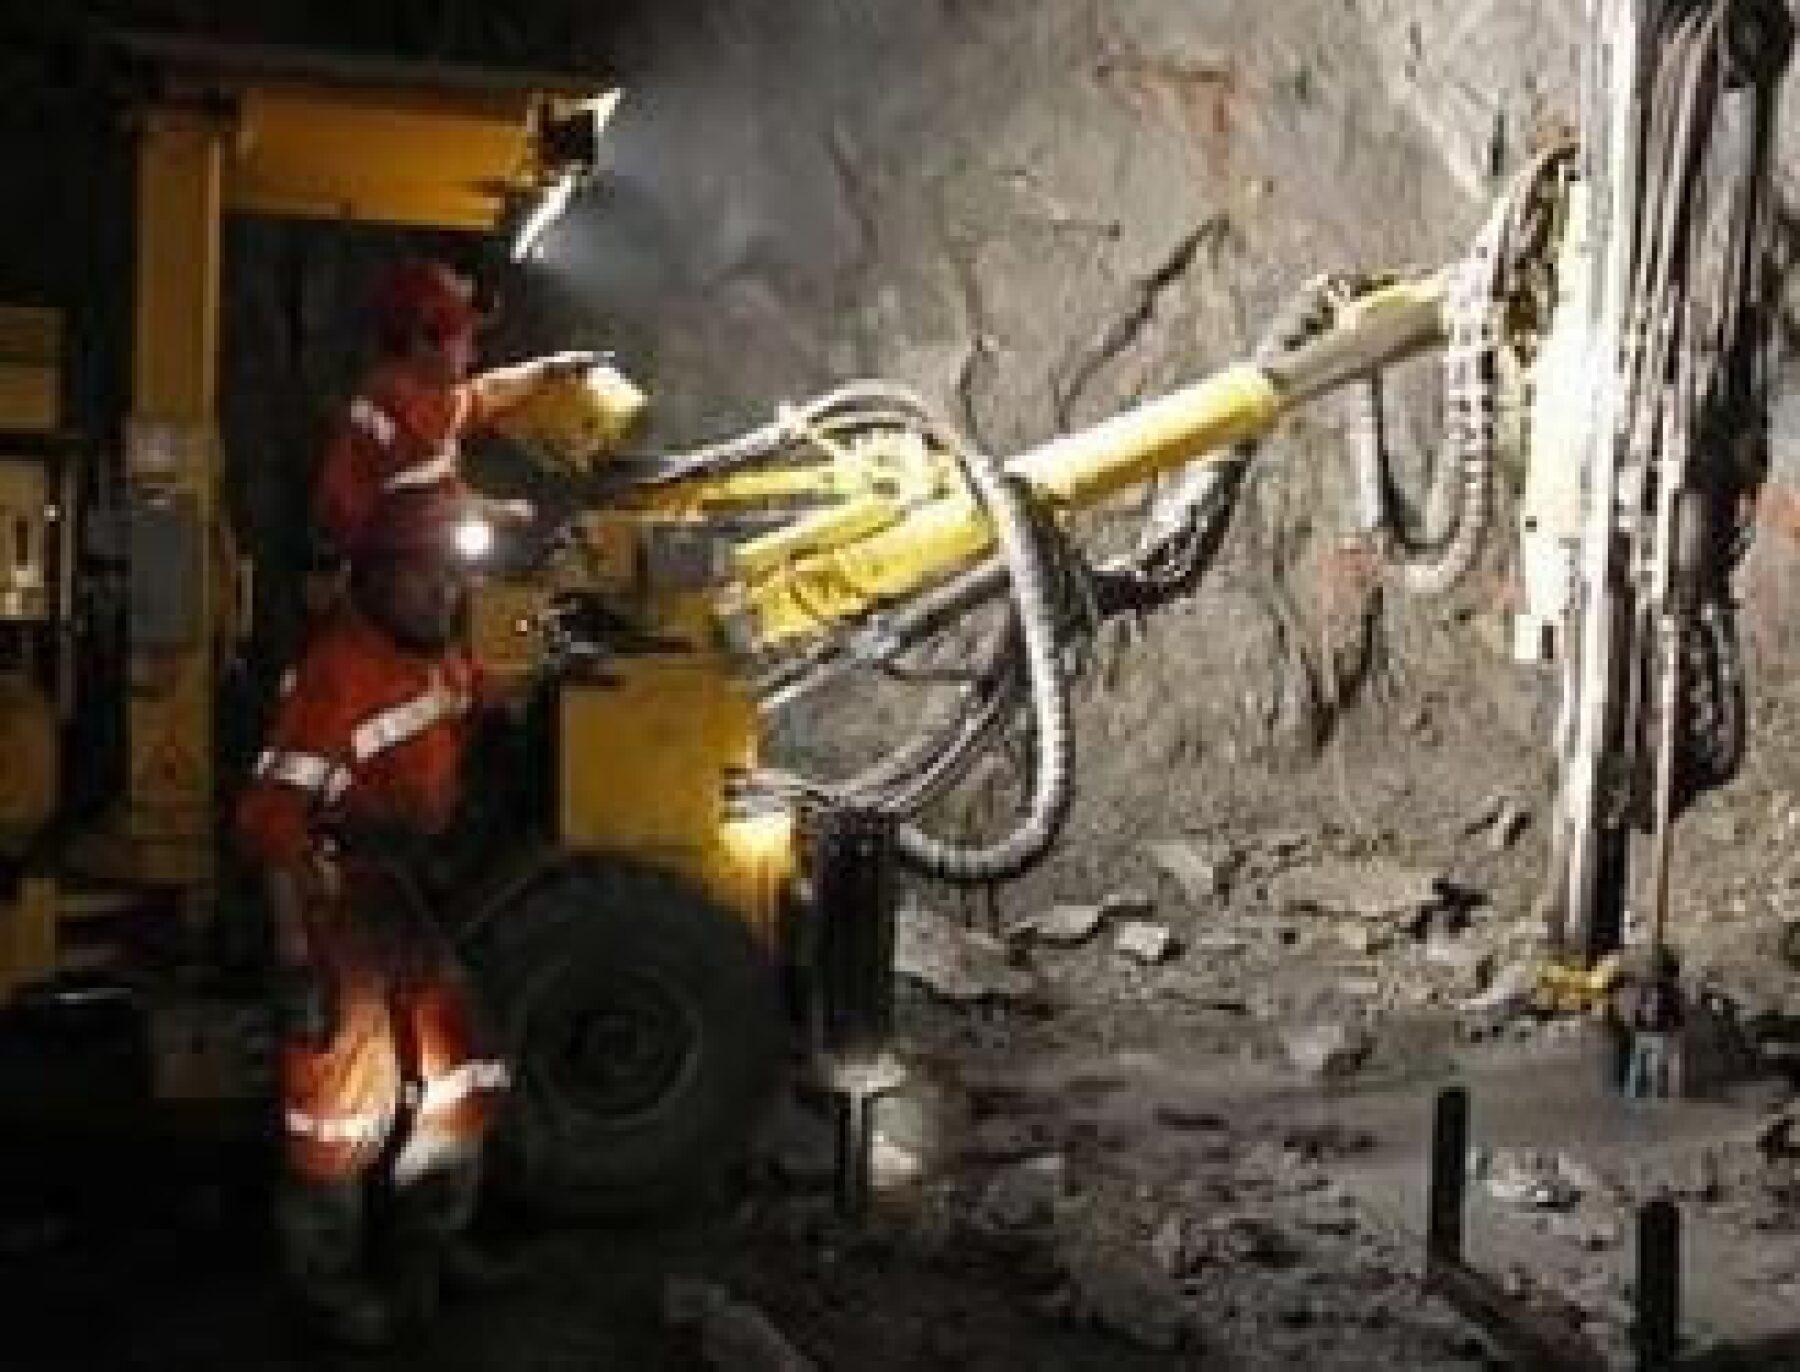 La demanda de minerales no deja de aumentar, y por tanto de necesitar constantemente a profesionistas. (Foto: Reuters)